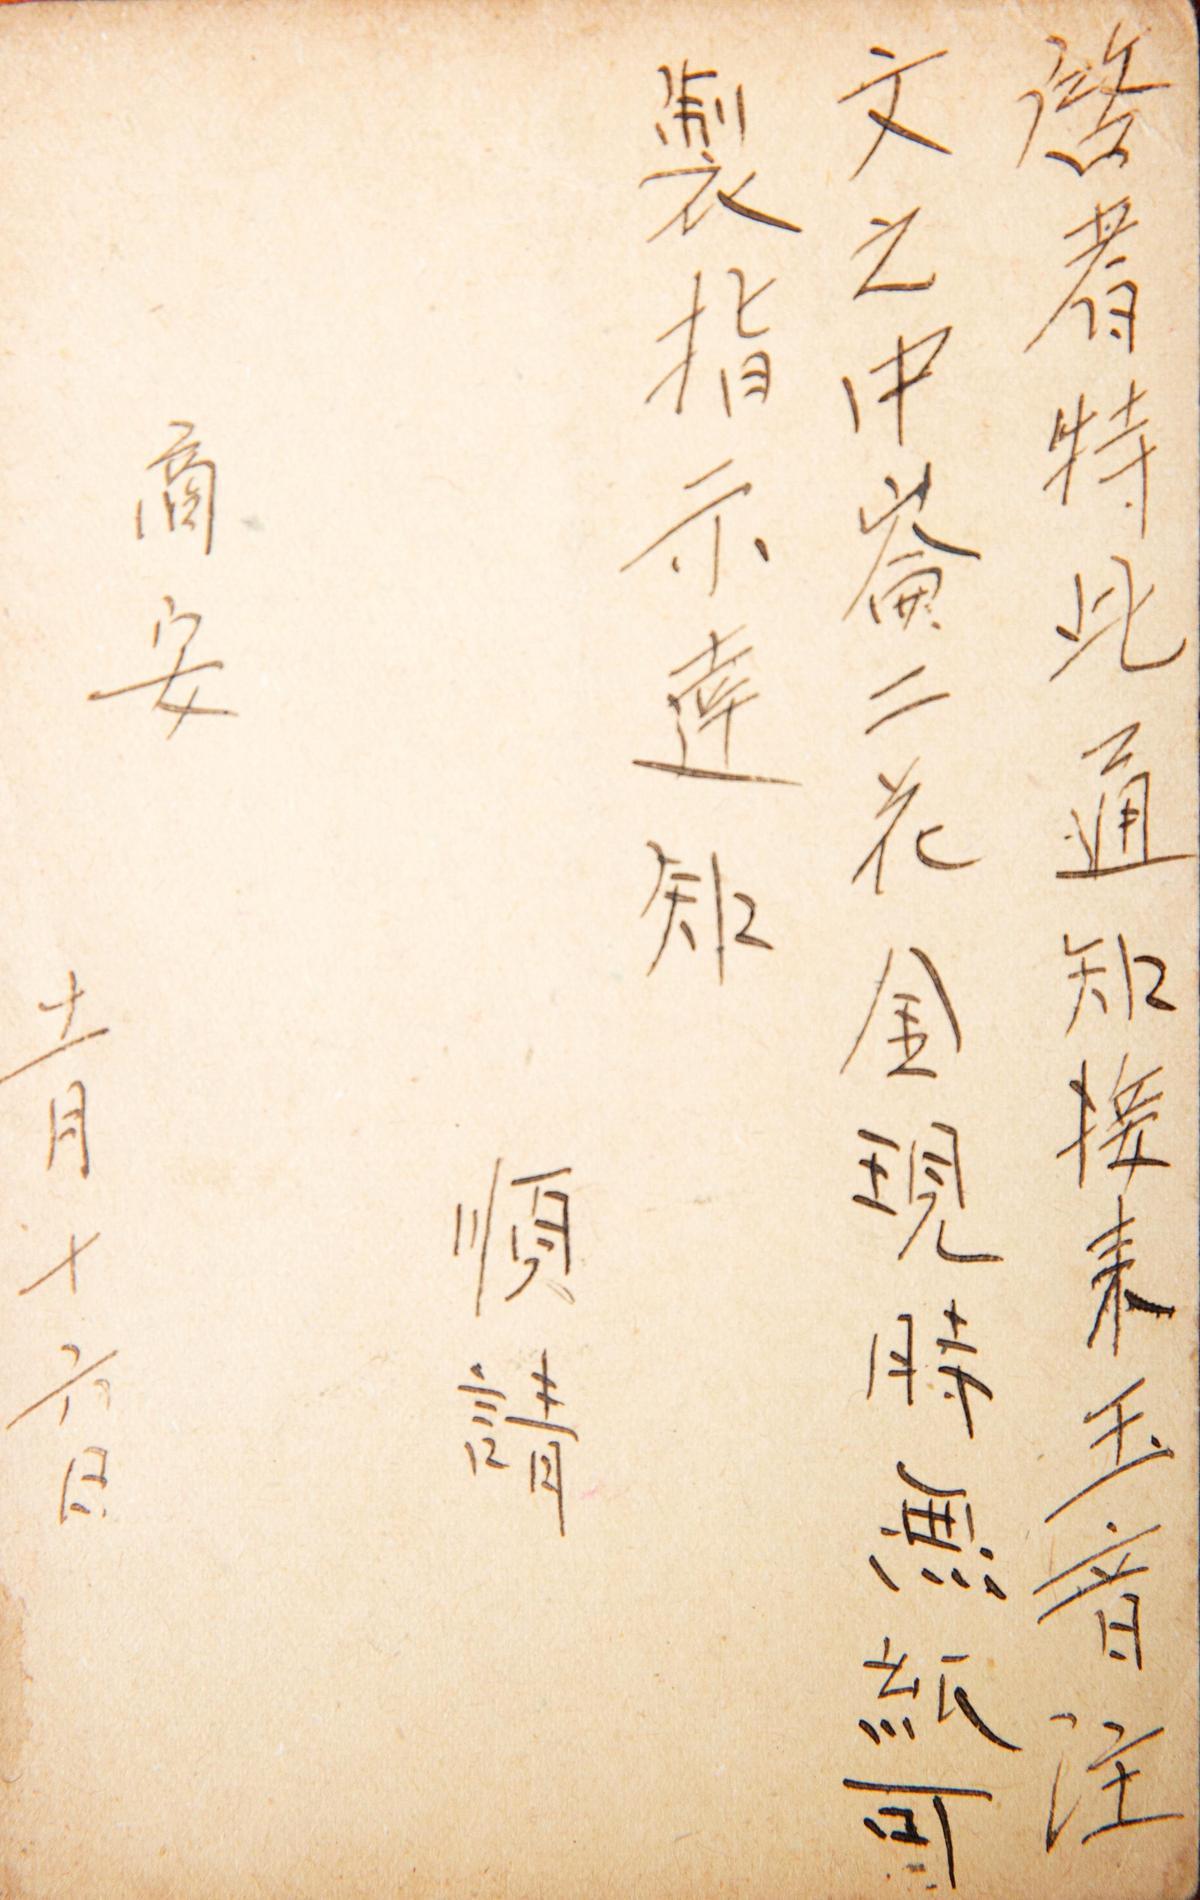 日據時期竹南鎮金紙業盛行,供不應求,陳協和金紙行還會以信件回覆客戶,紙量不足無法製作。